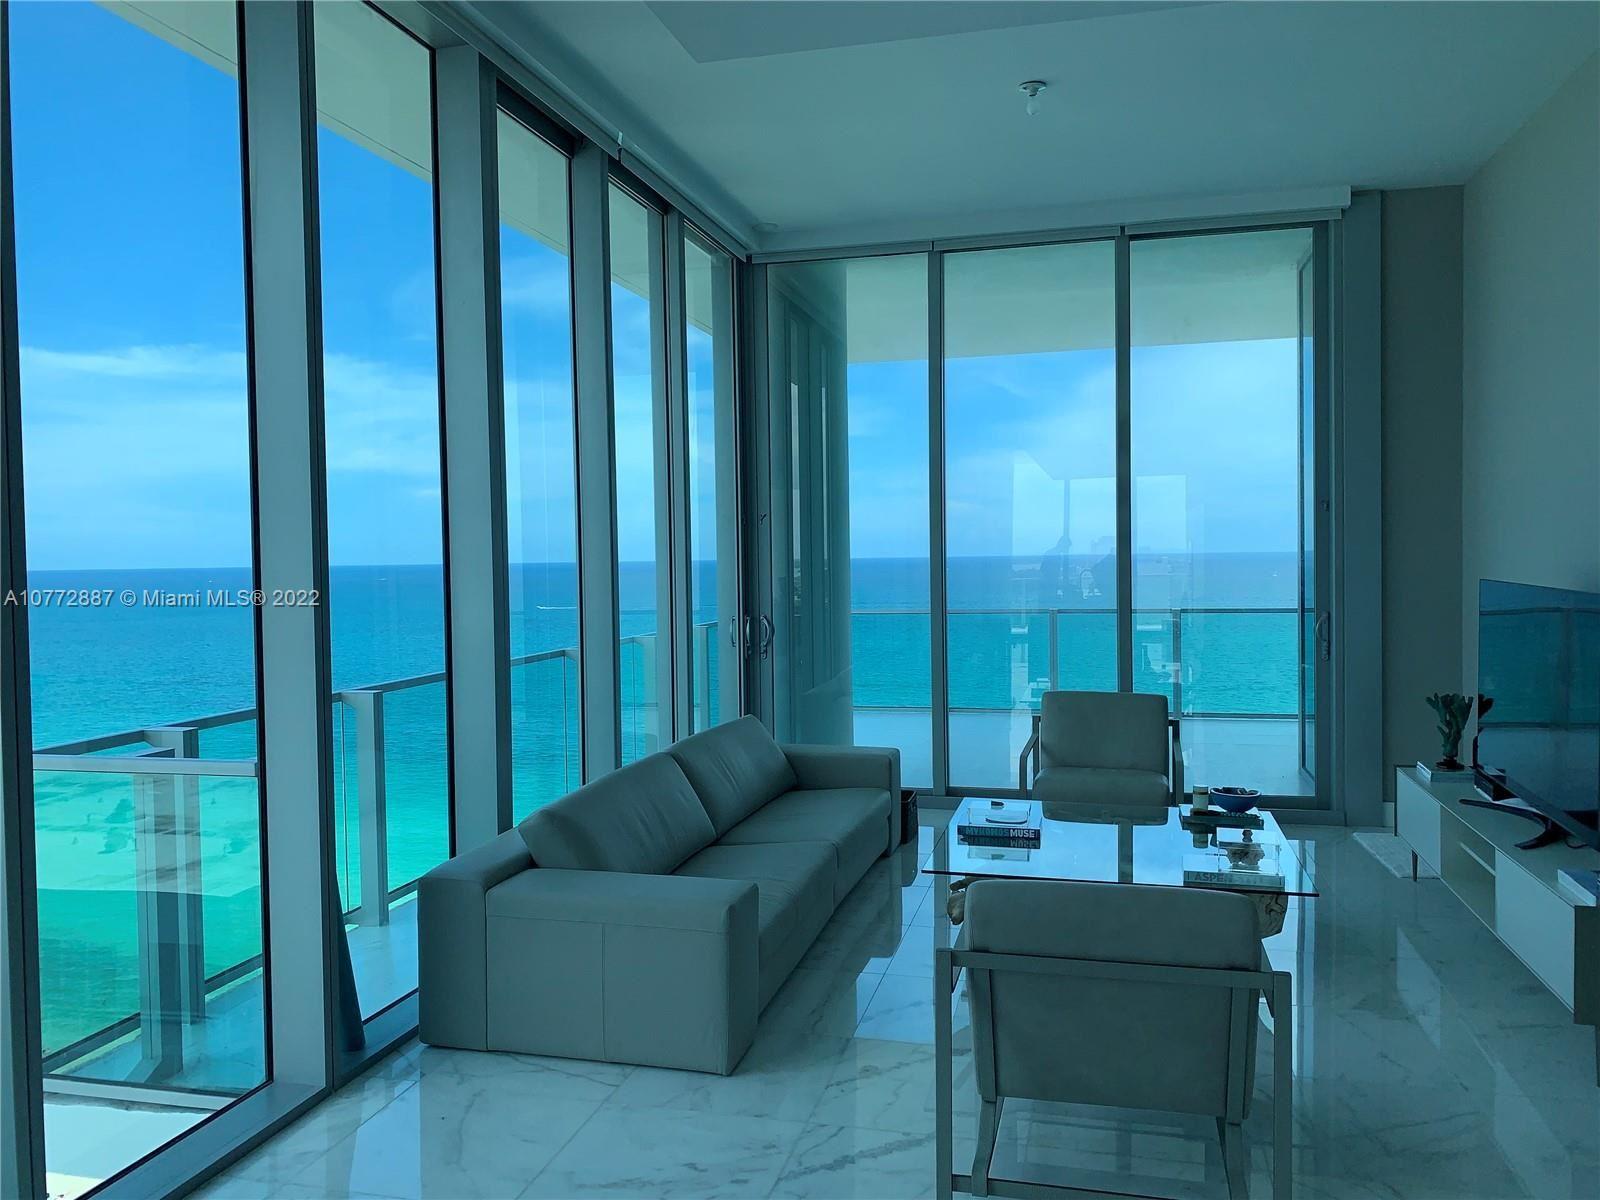 6901 Collins Ave #1603, Miami Beach, FL 33141 - #: A10772887